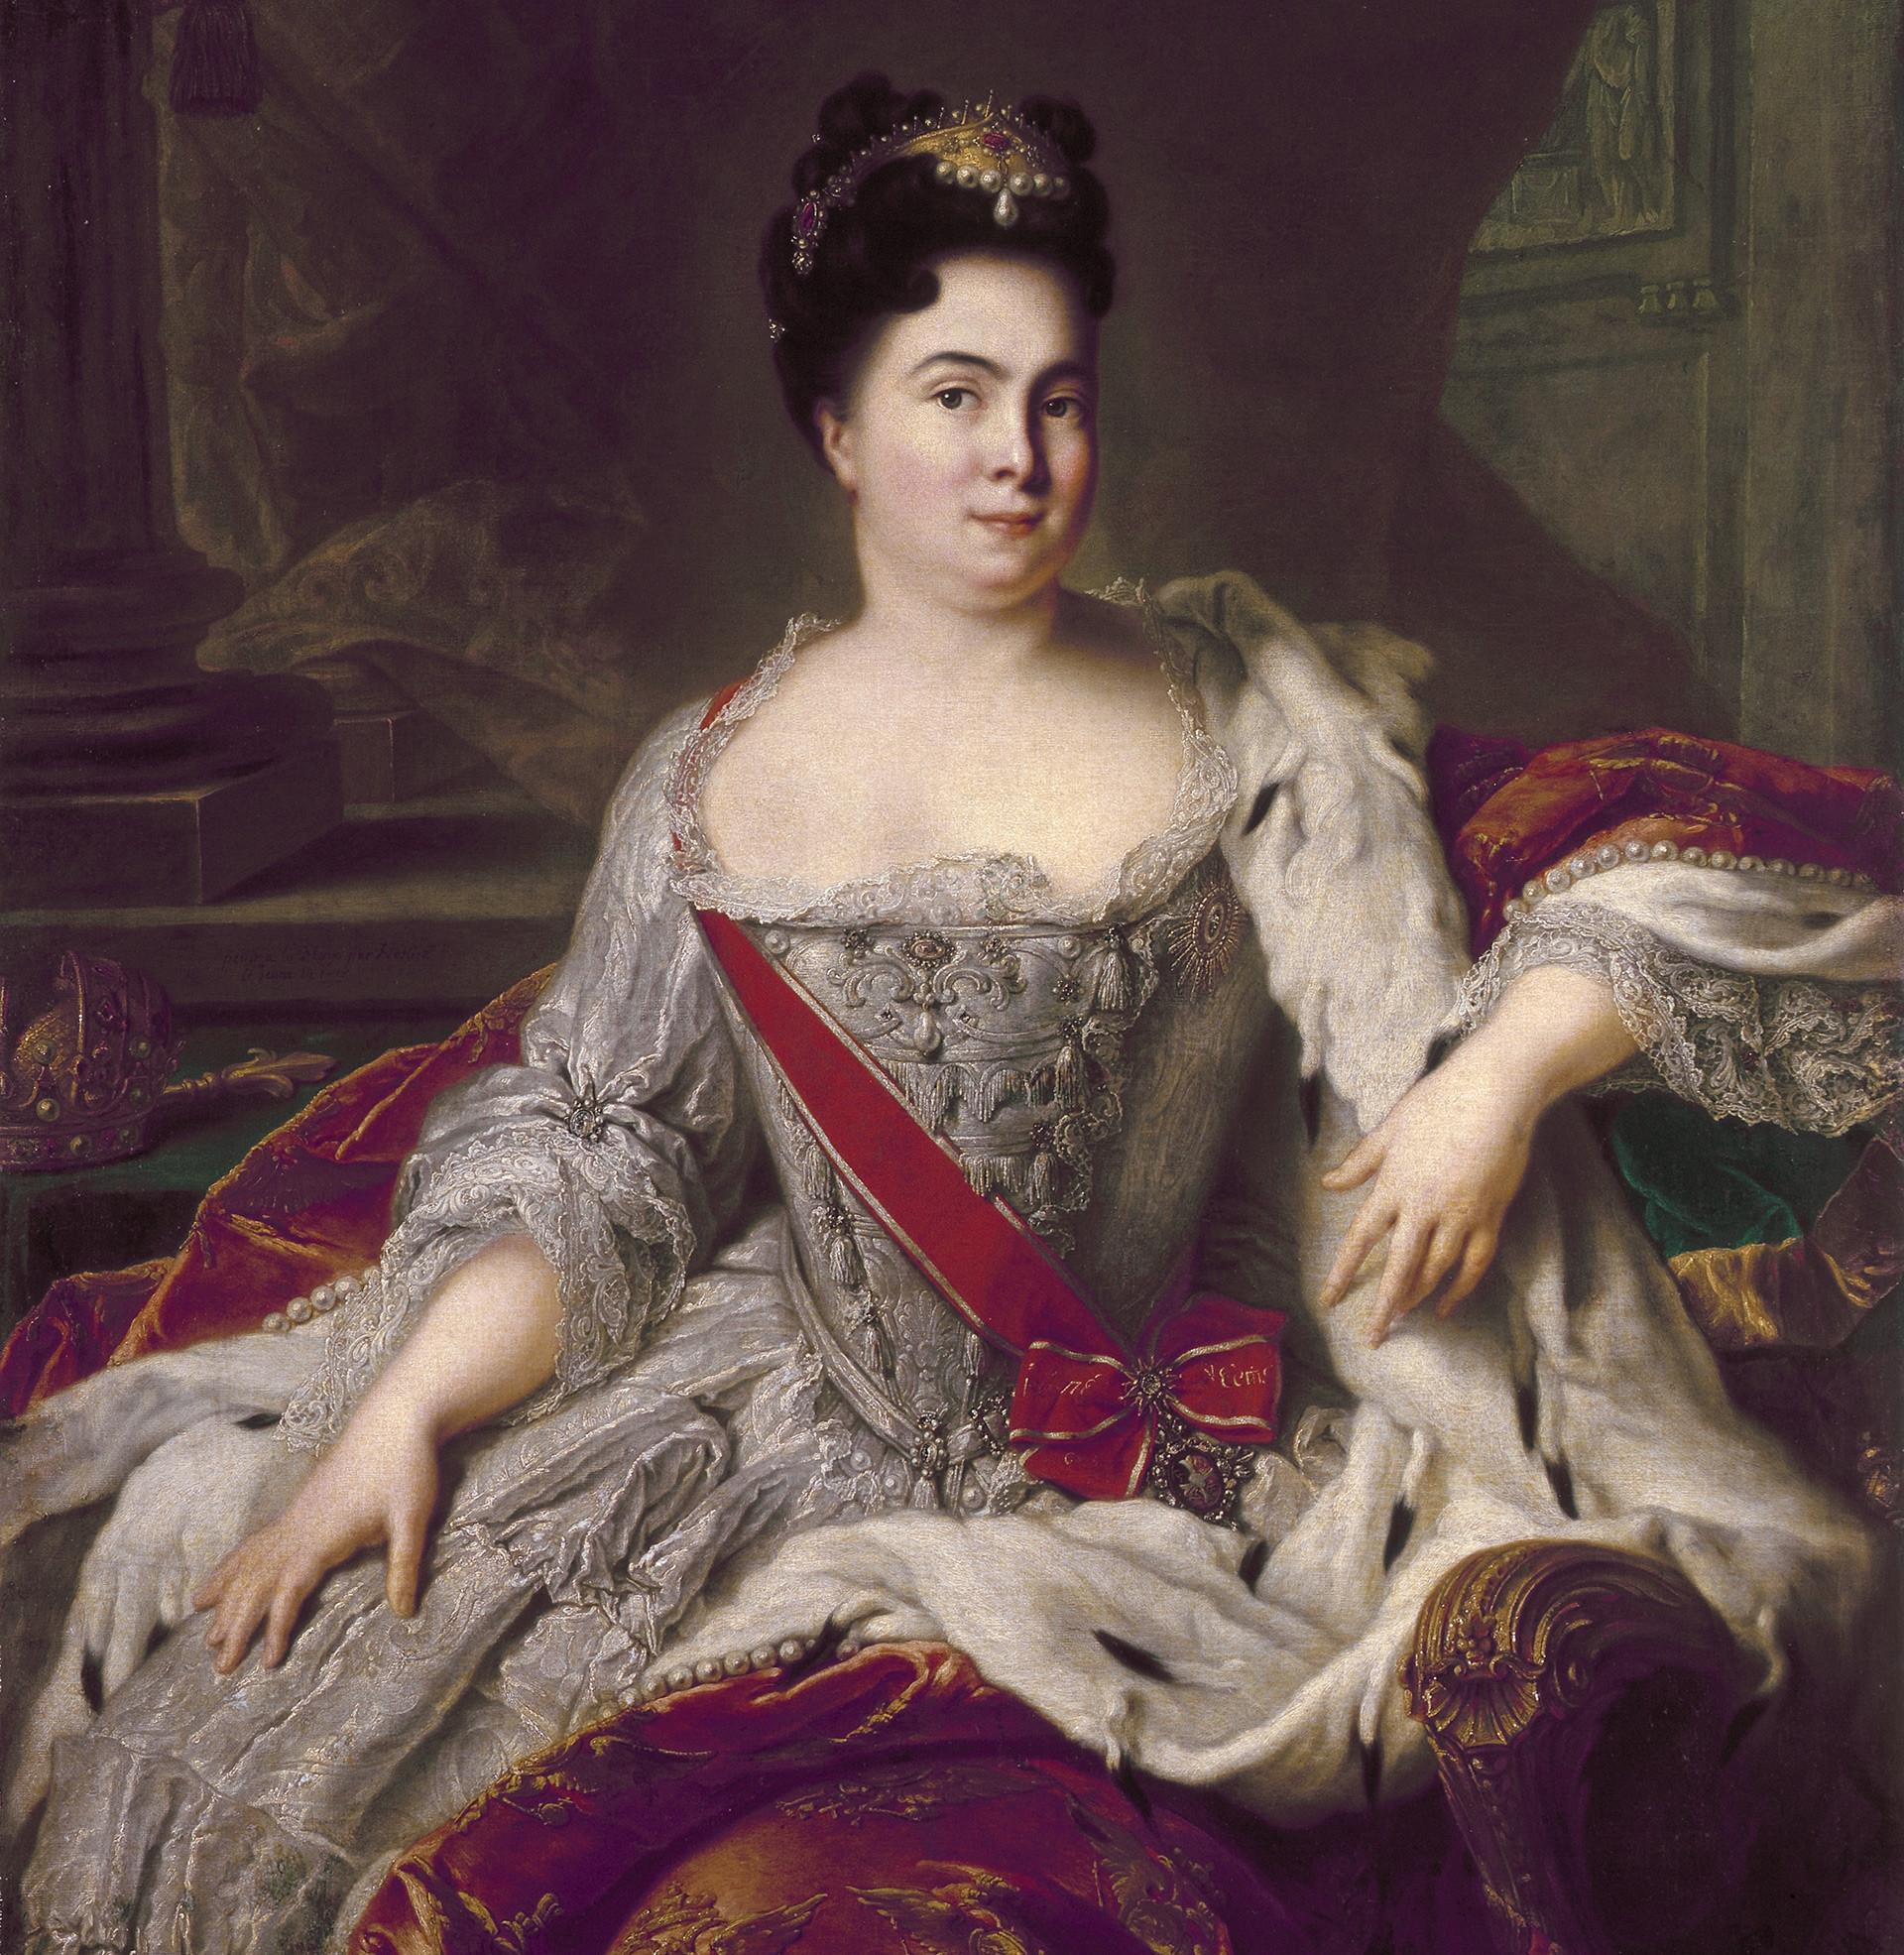 Портрет на Екатерина I от Жан-Марк Натие